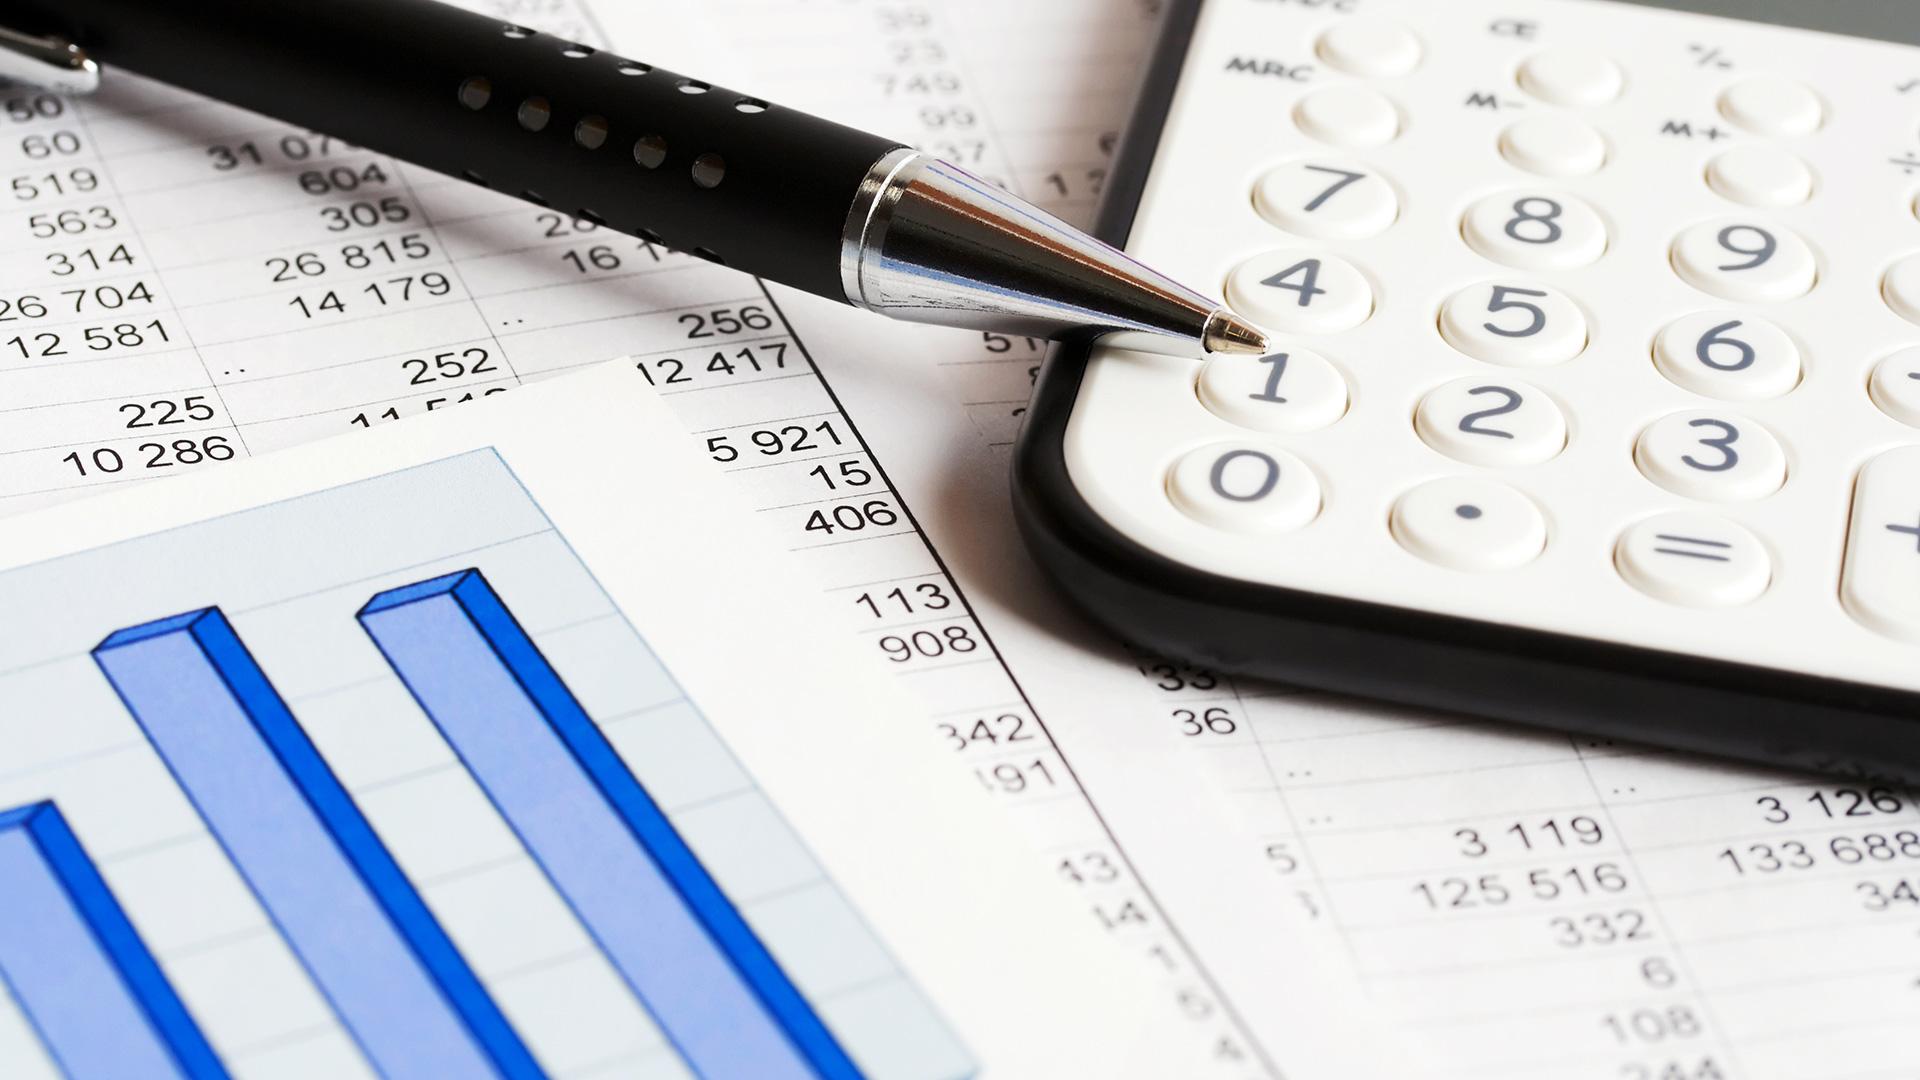 bg03 - Ведение налогового учета в некоммерческой организации